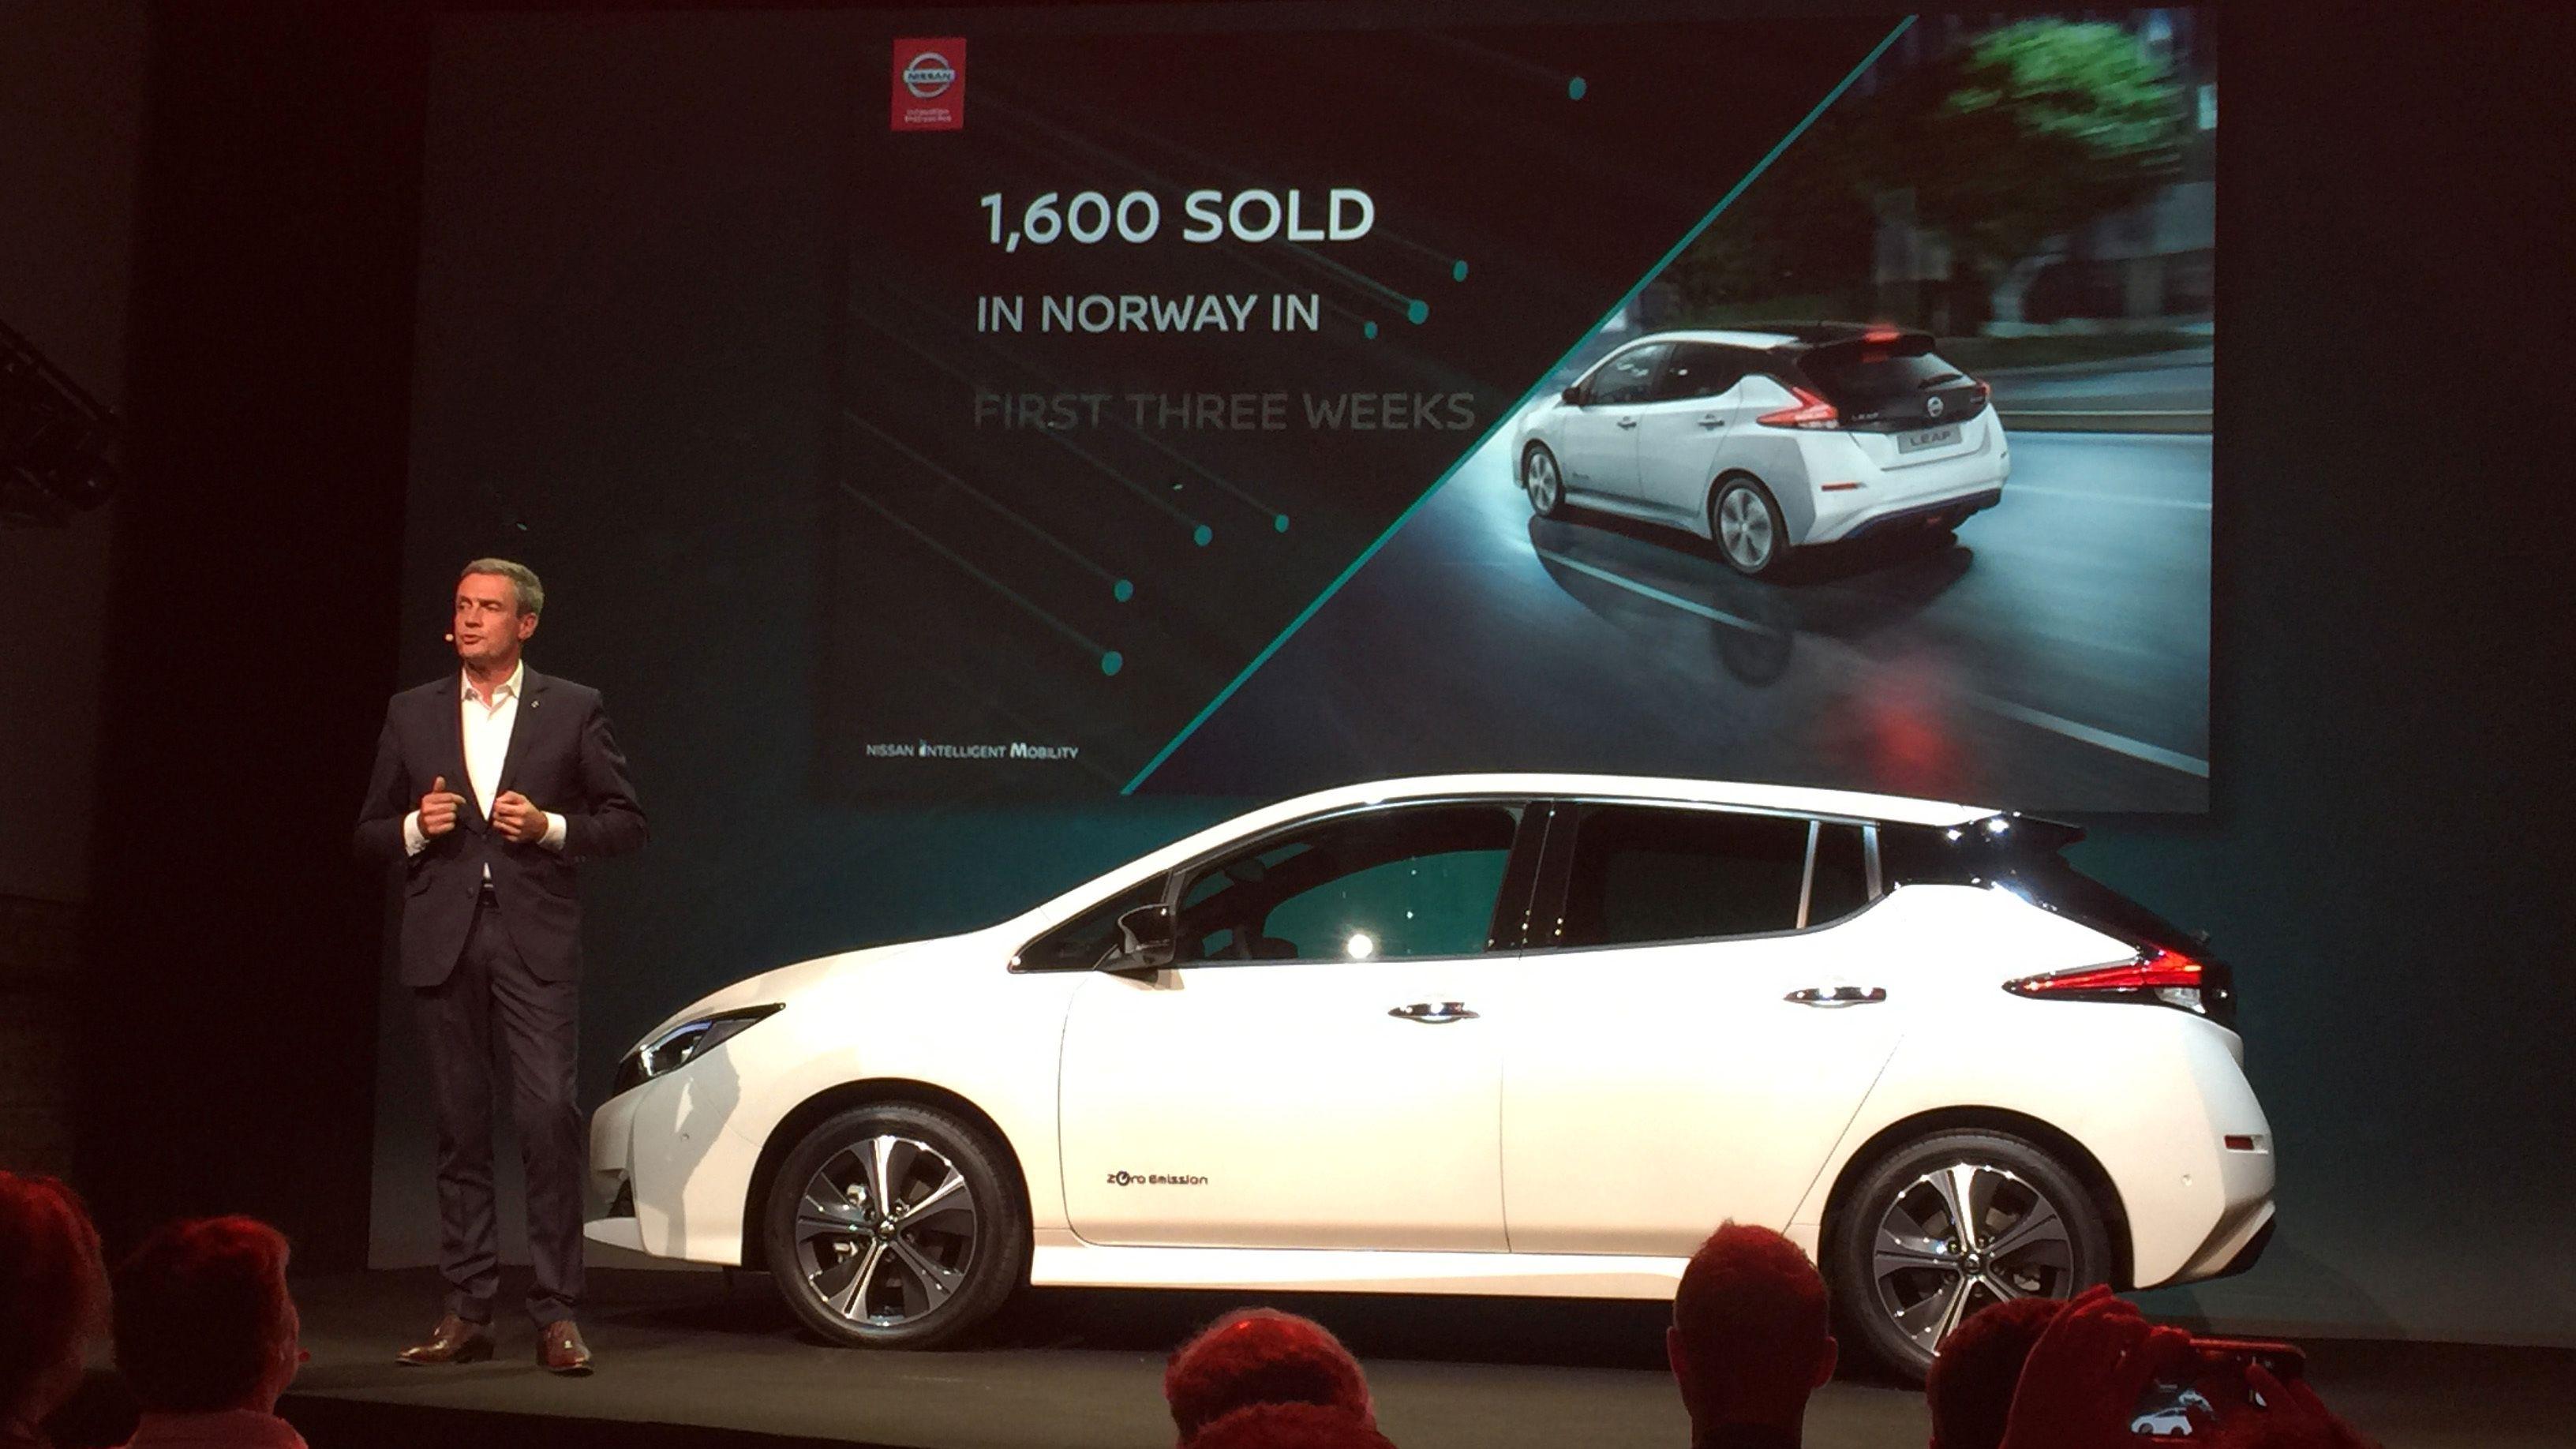 Nissan har signert kontrakt på ikke mindre enn 1600 biler i løpet av de tre ukene som har gått siden bilen ble annonsert. Her Nissans Europa-sjef Philippe Saillard.